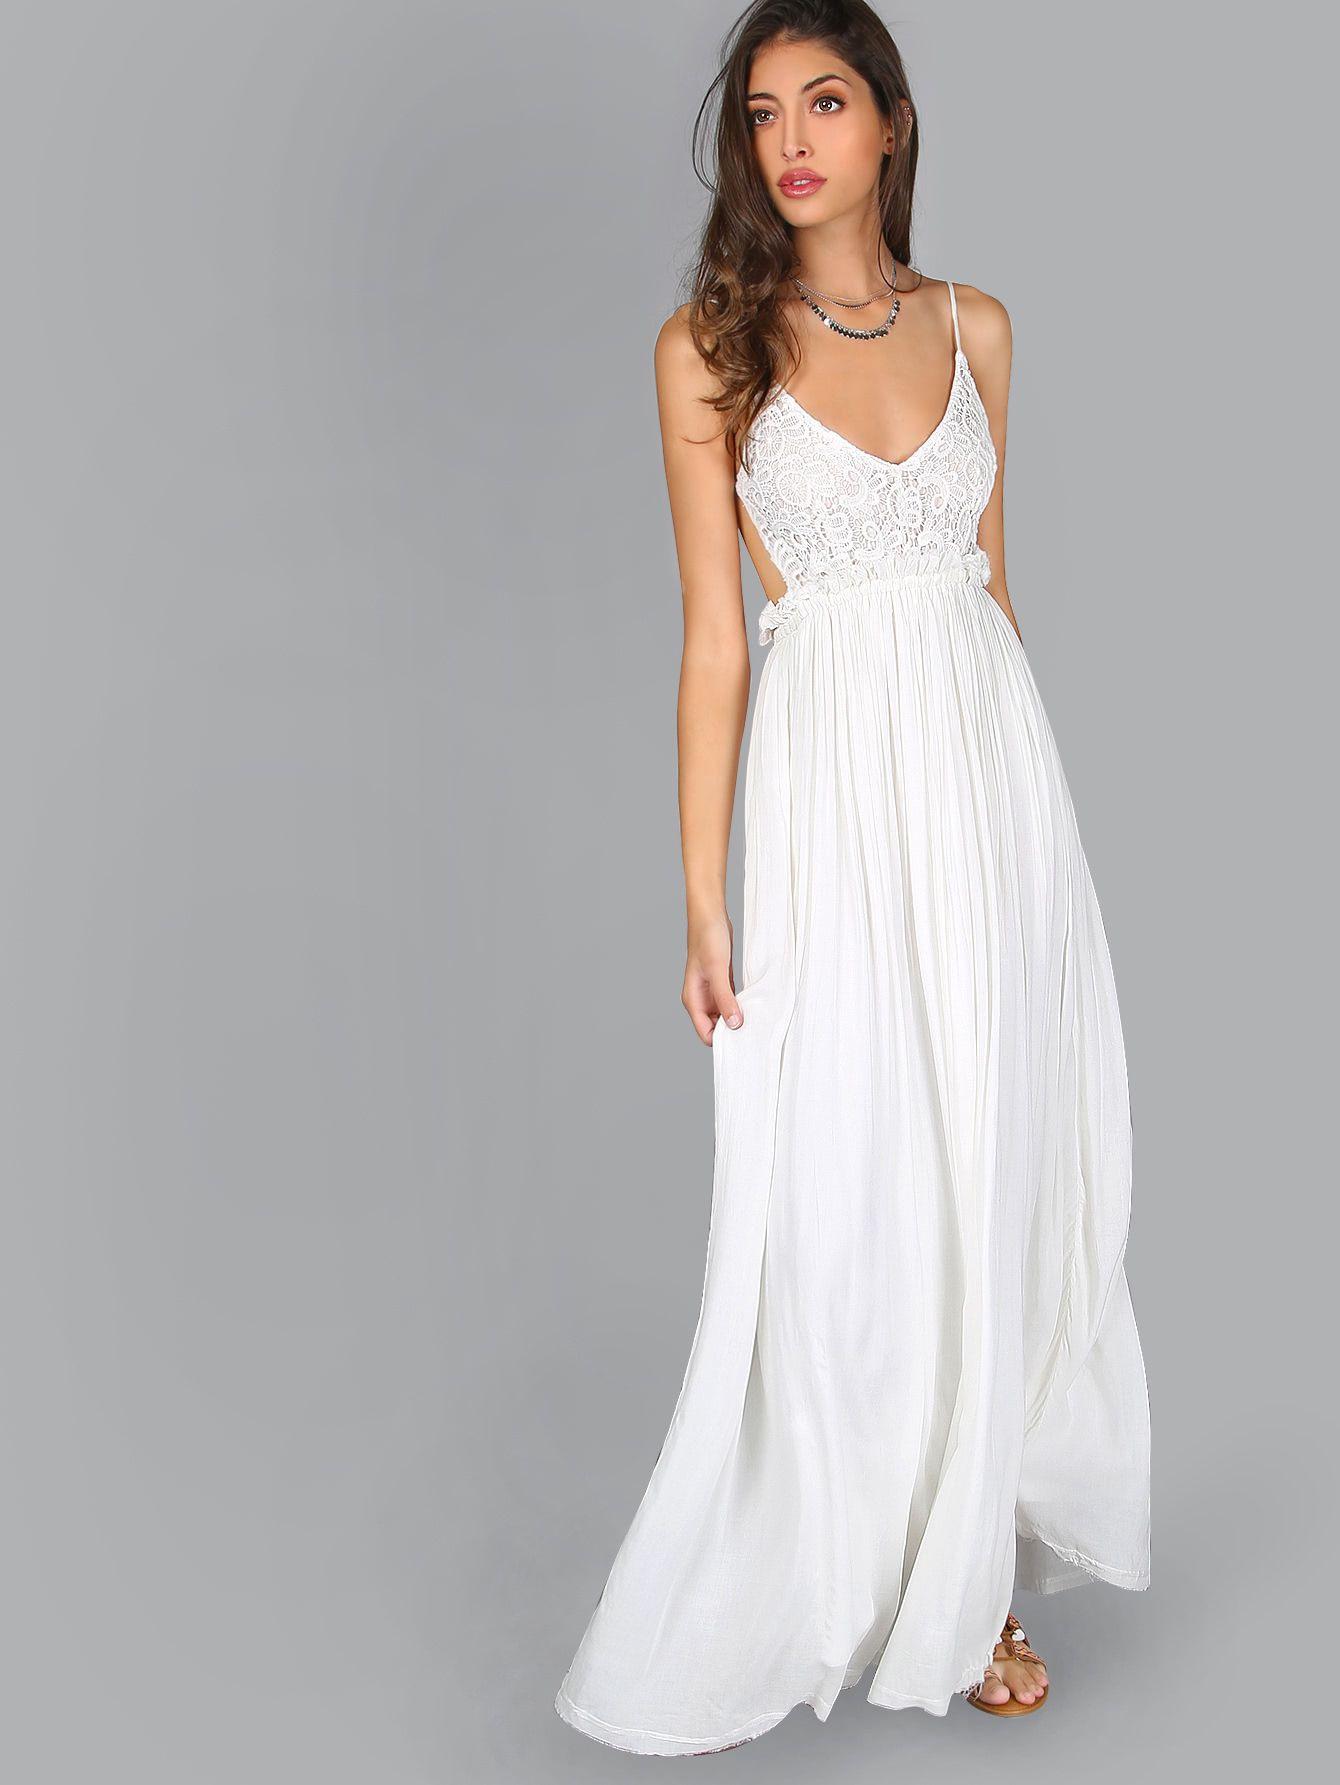 10 Luxus Kleid Lang Weiß Boutique Cool Kleid Lang Weiß Bester Preis